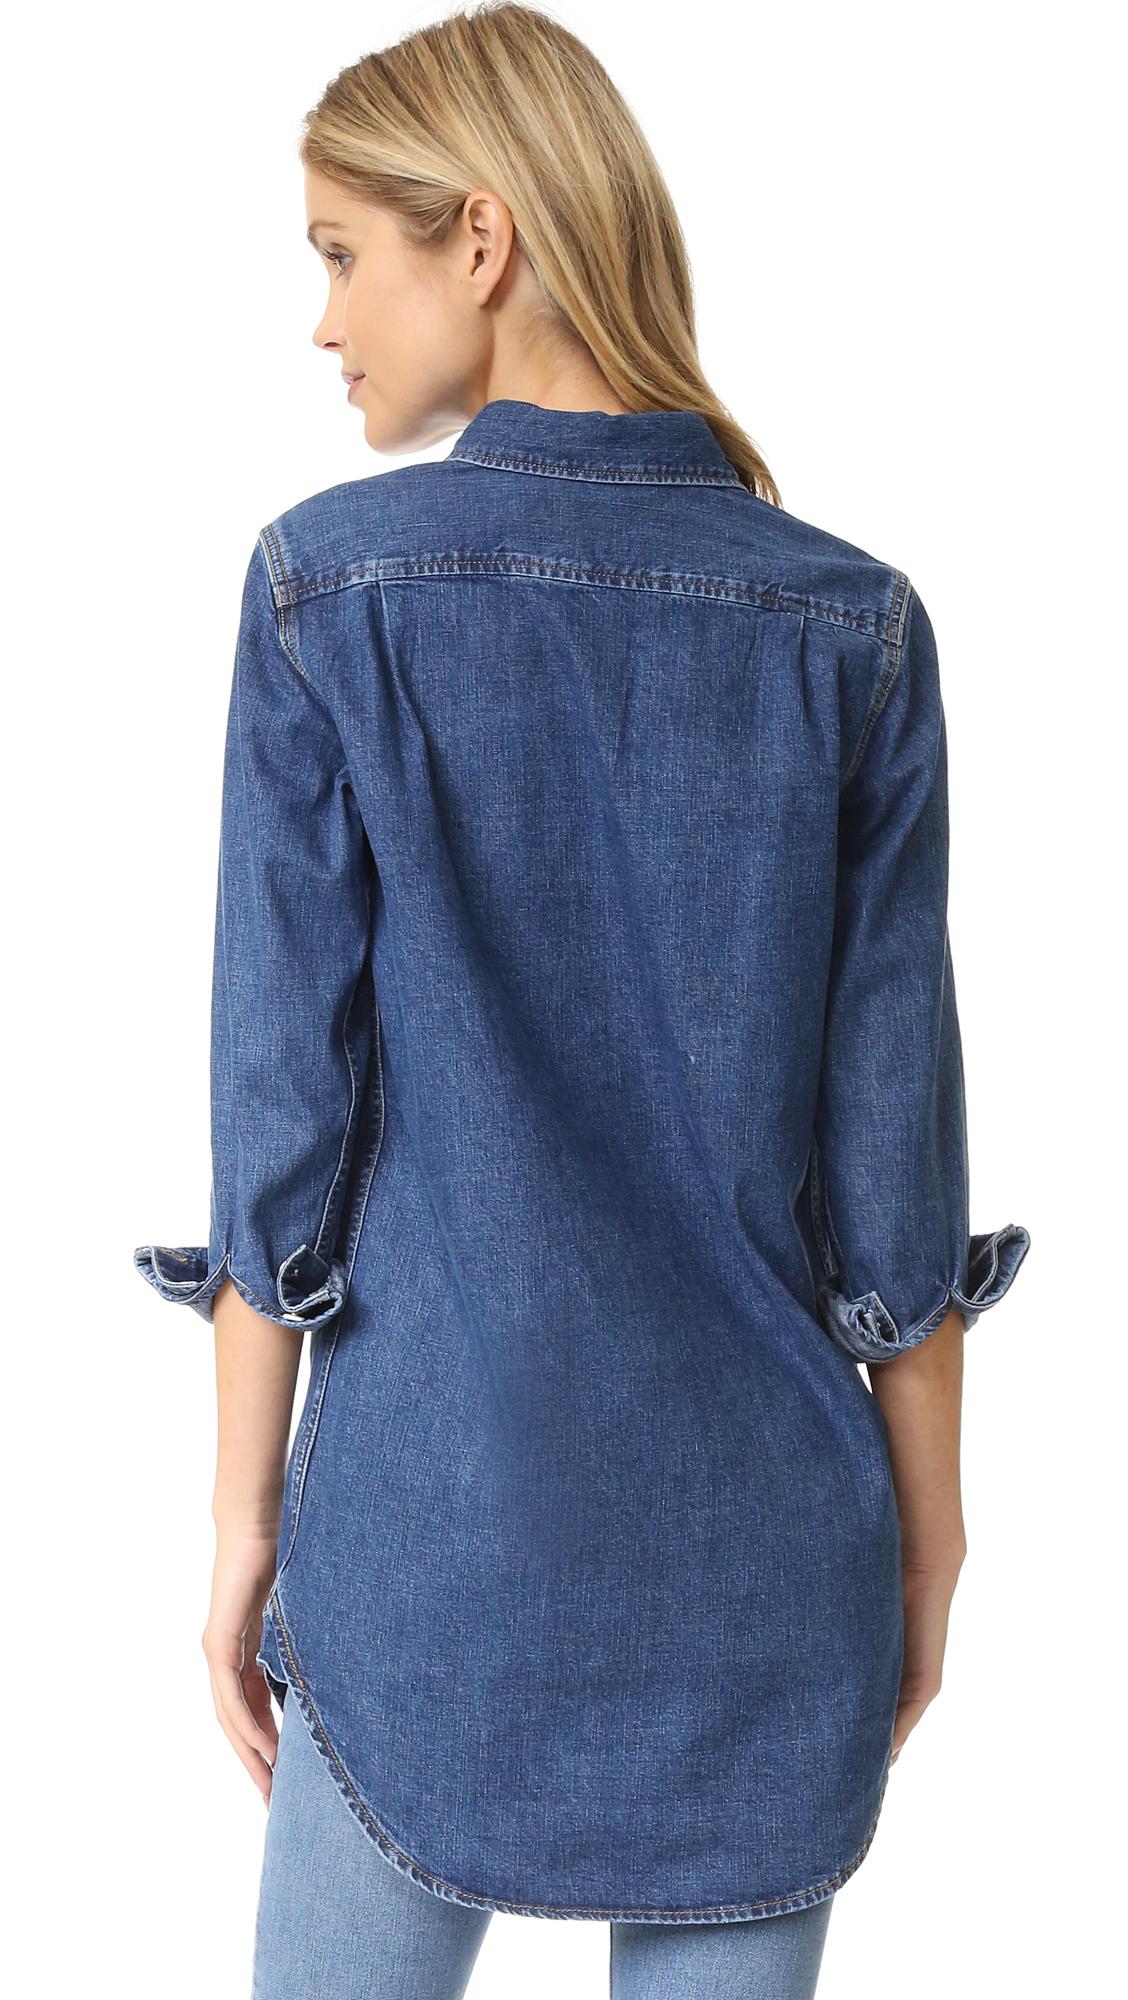 3daf8d181470dc M.i.h Jeans Denim Oversized Shirt   SHOPBOP